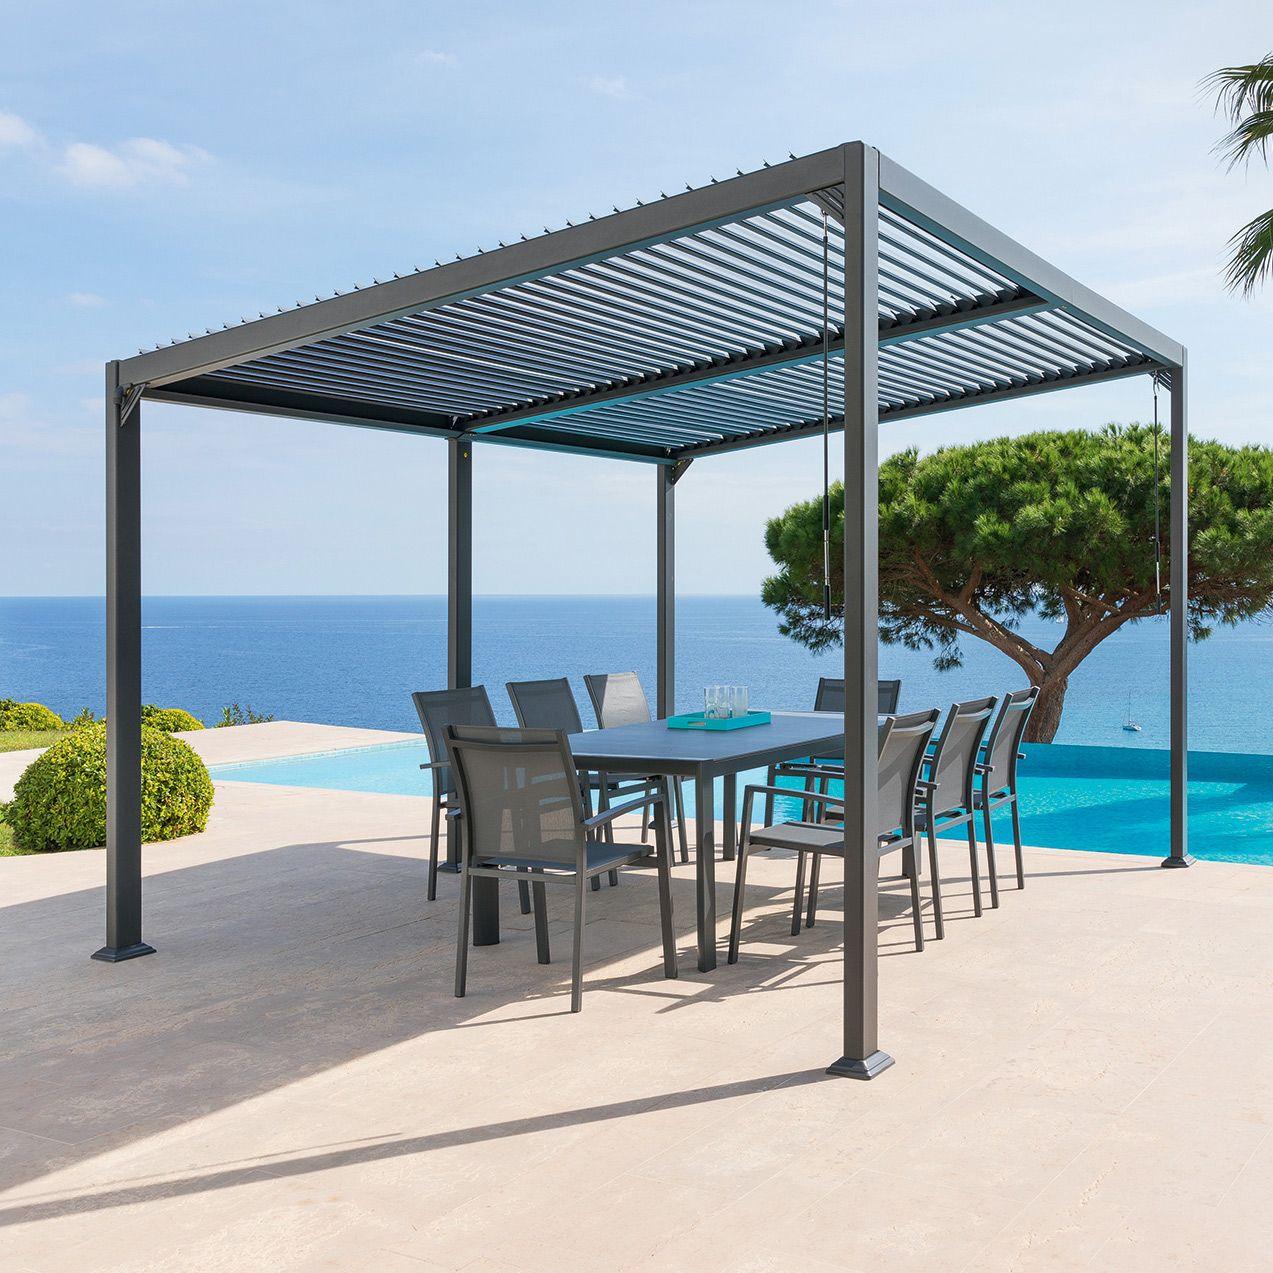 Tonnelle Avila 4 X 3 M Graphite Design Jardin Terrasse Pergola Pergola Acier